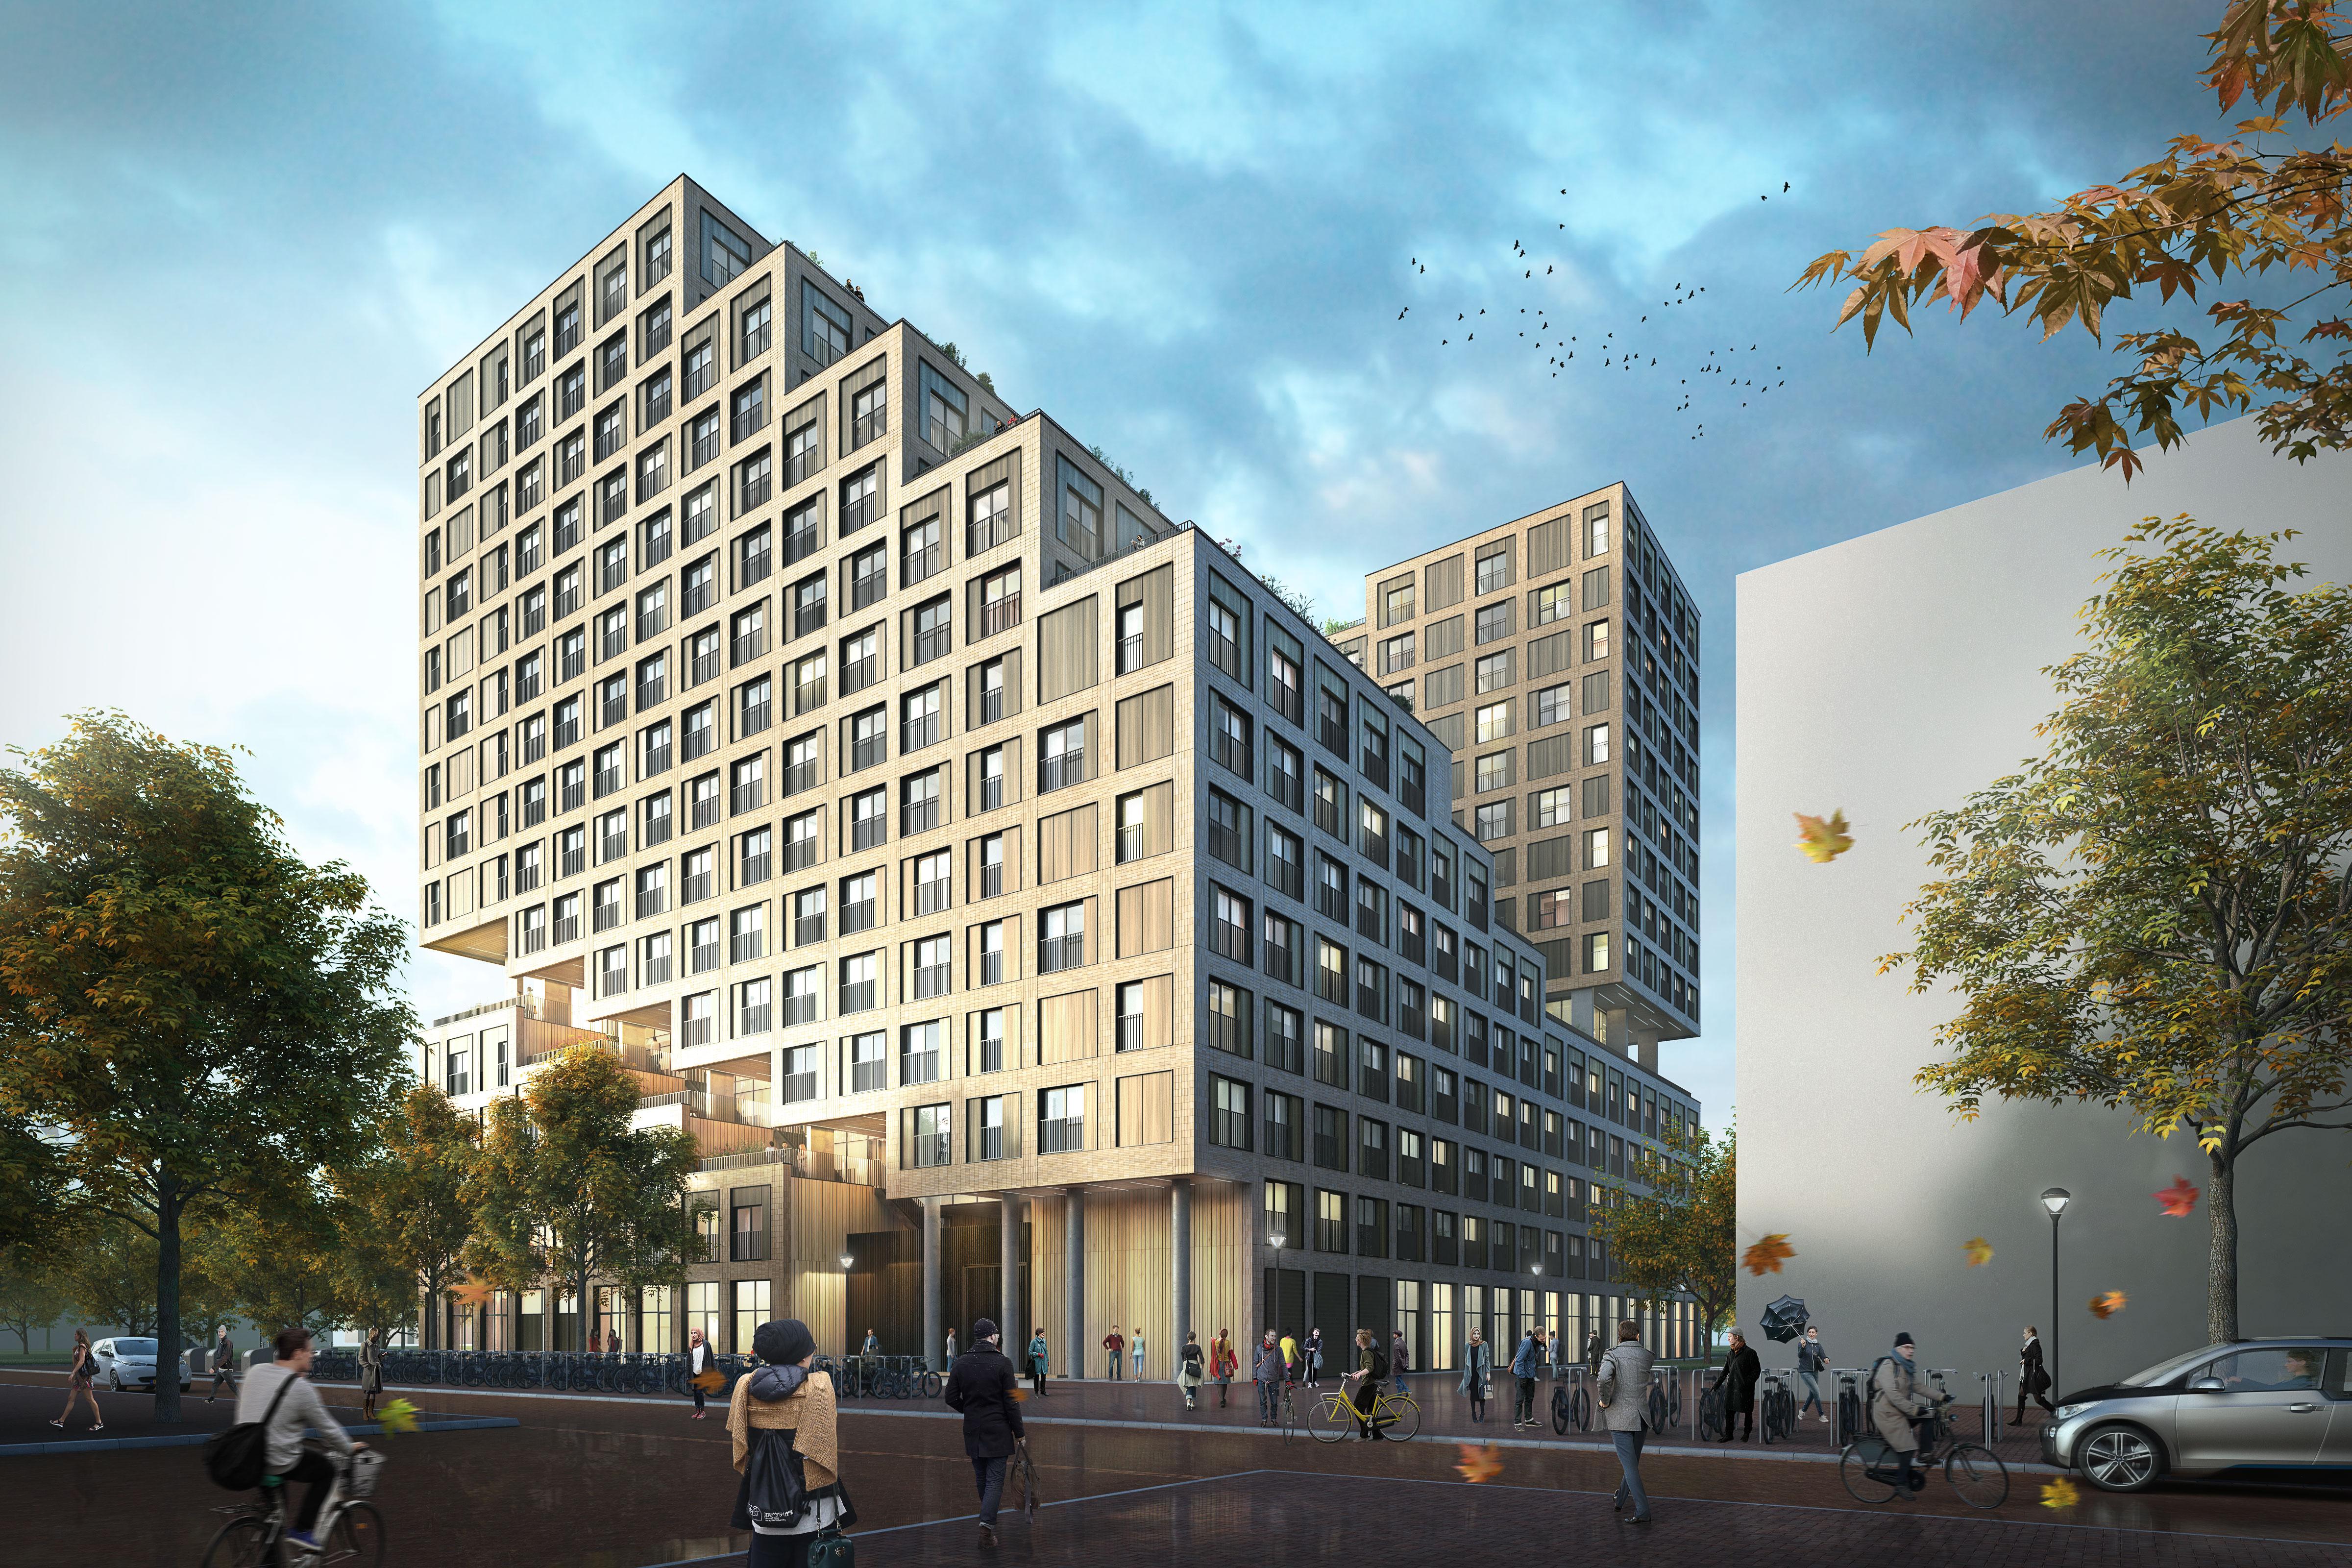 The Cube Utrecht